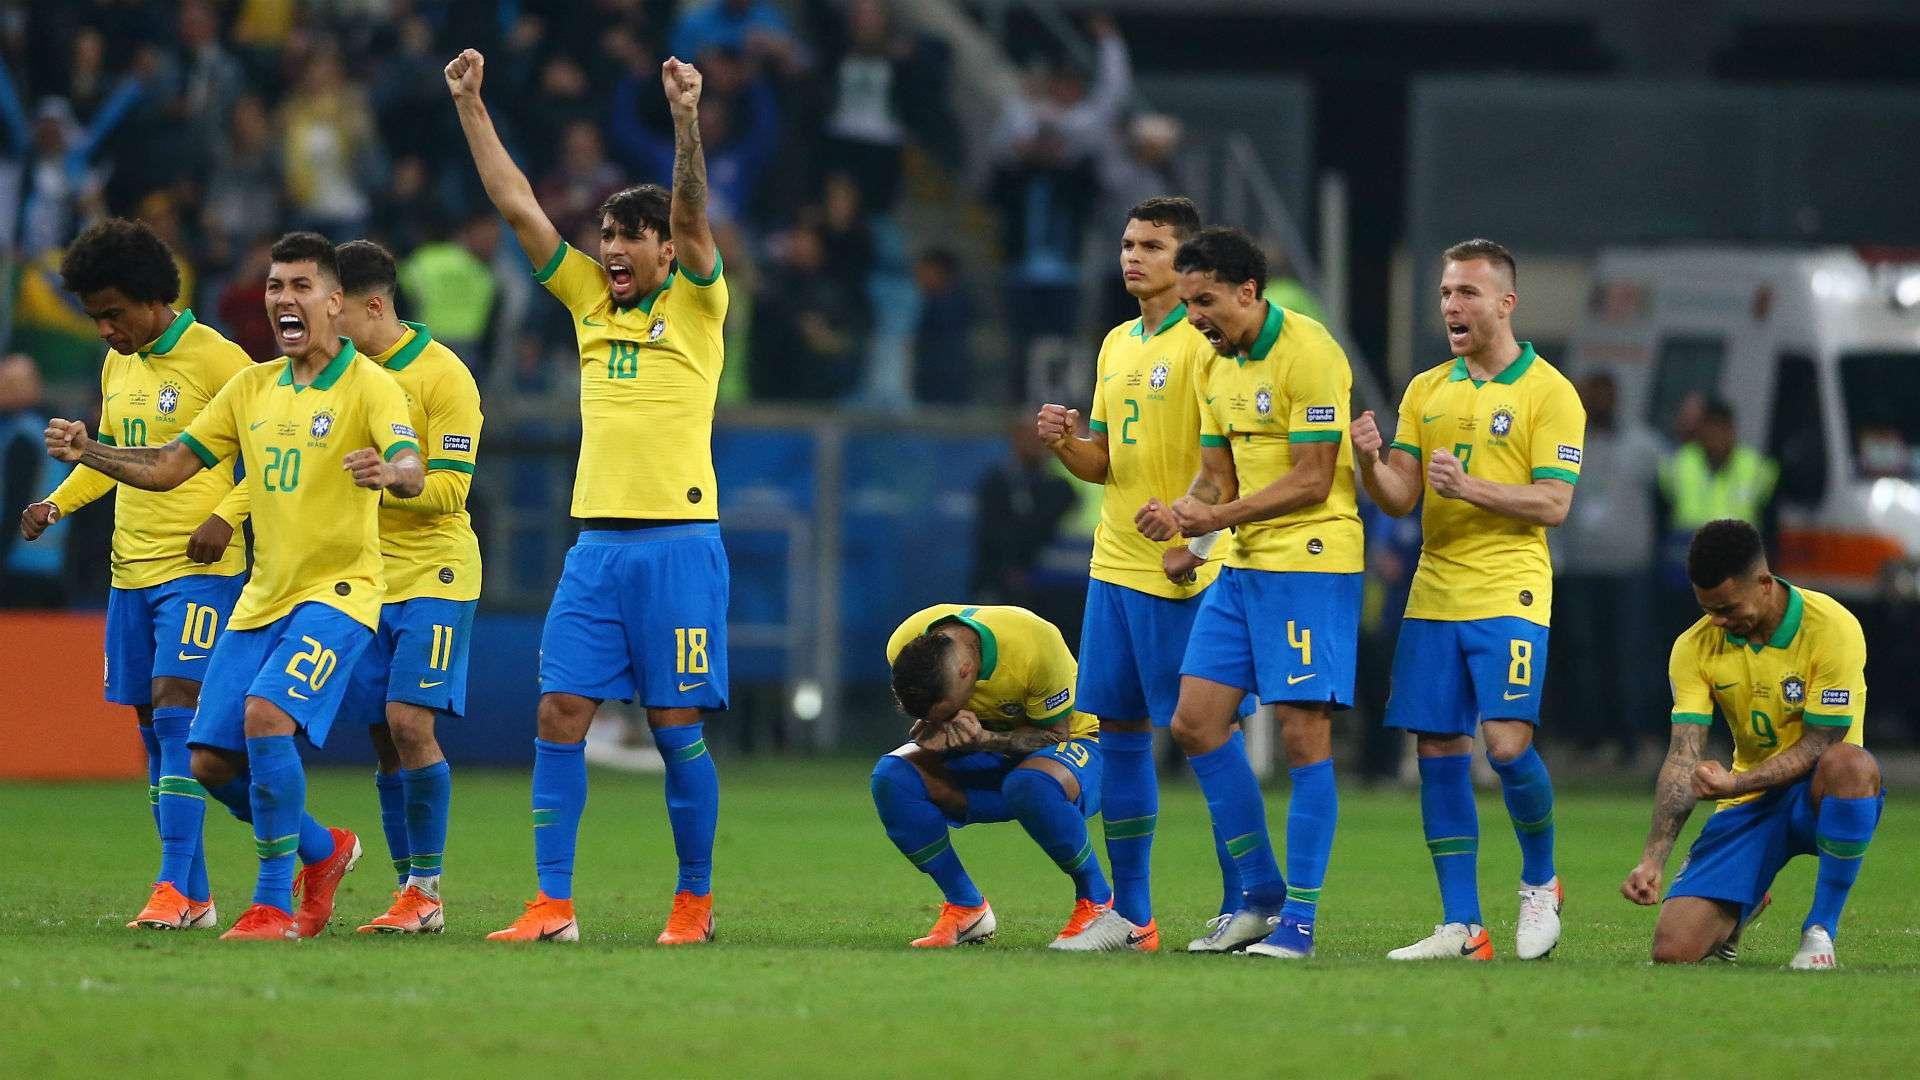 selecao brasil paraguai copa america 28 06 2019 zg7zfkaikg291ruteok5rldai - Brasil e Argentina farão final da Copa América no Maracanã no próximo sábado